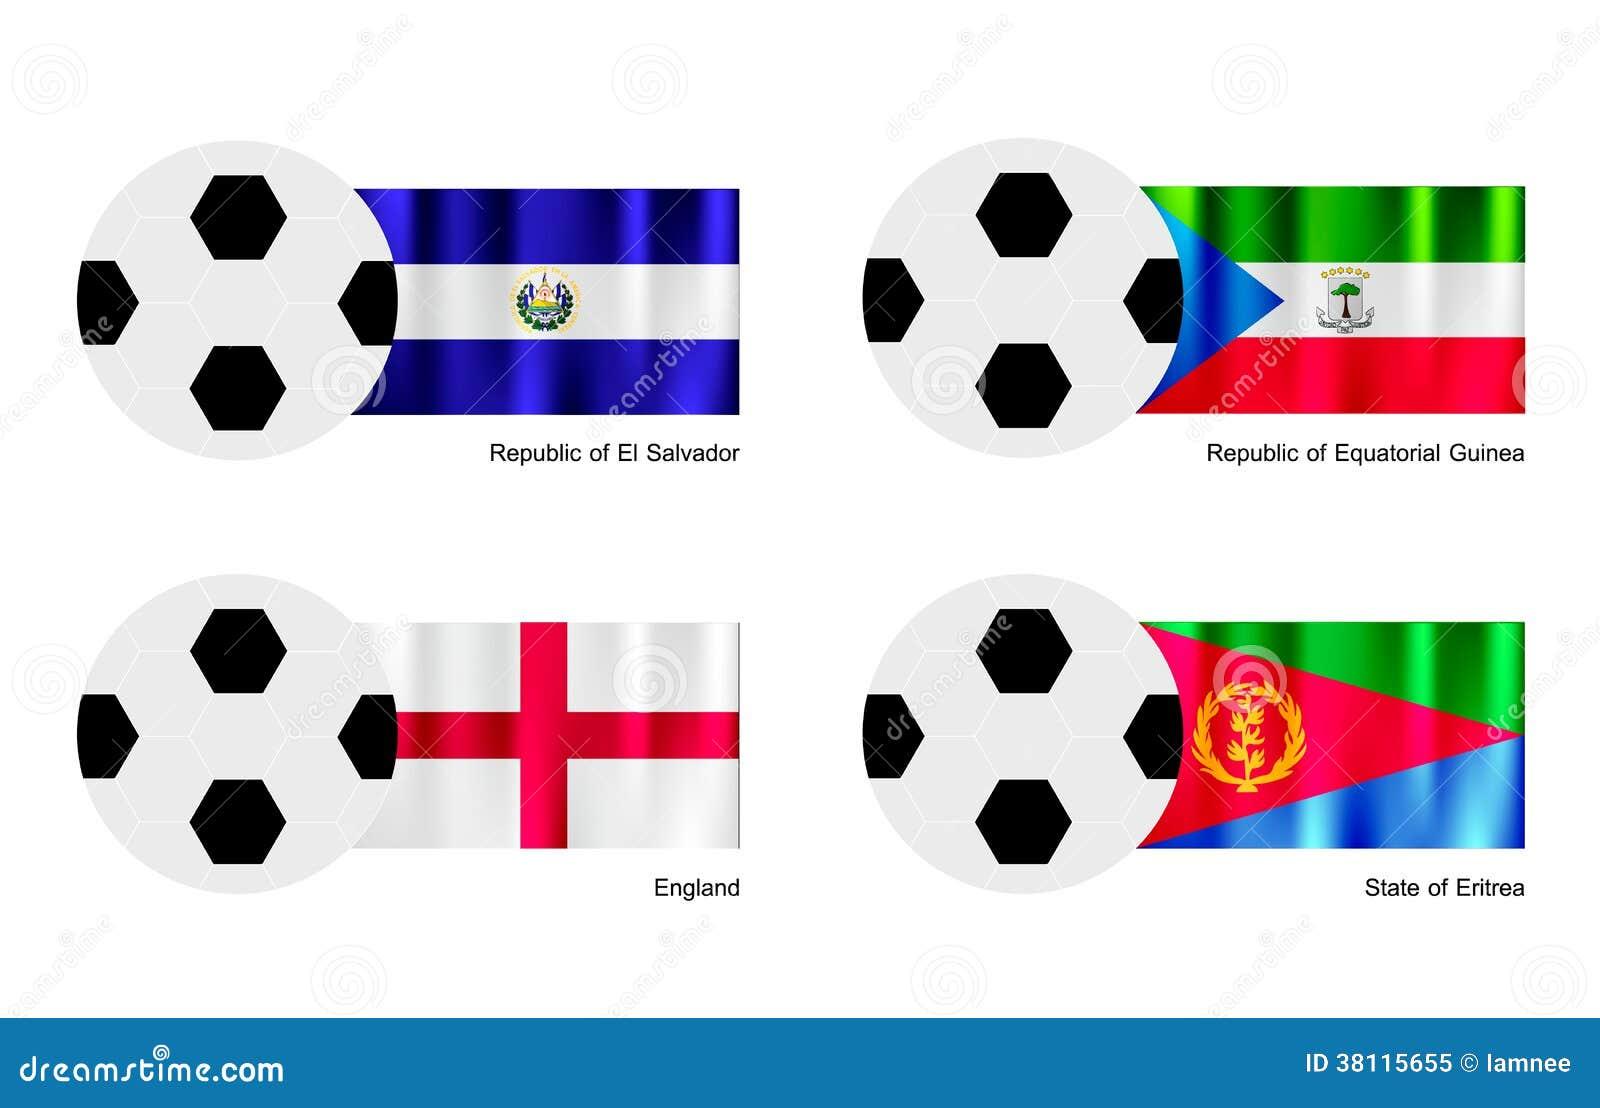 Футбол с флагом Сальвадора, Экваториальной Гвинеи, Англии и Эритреи